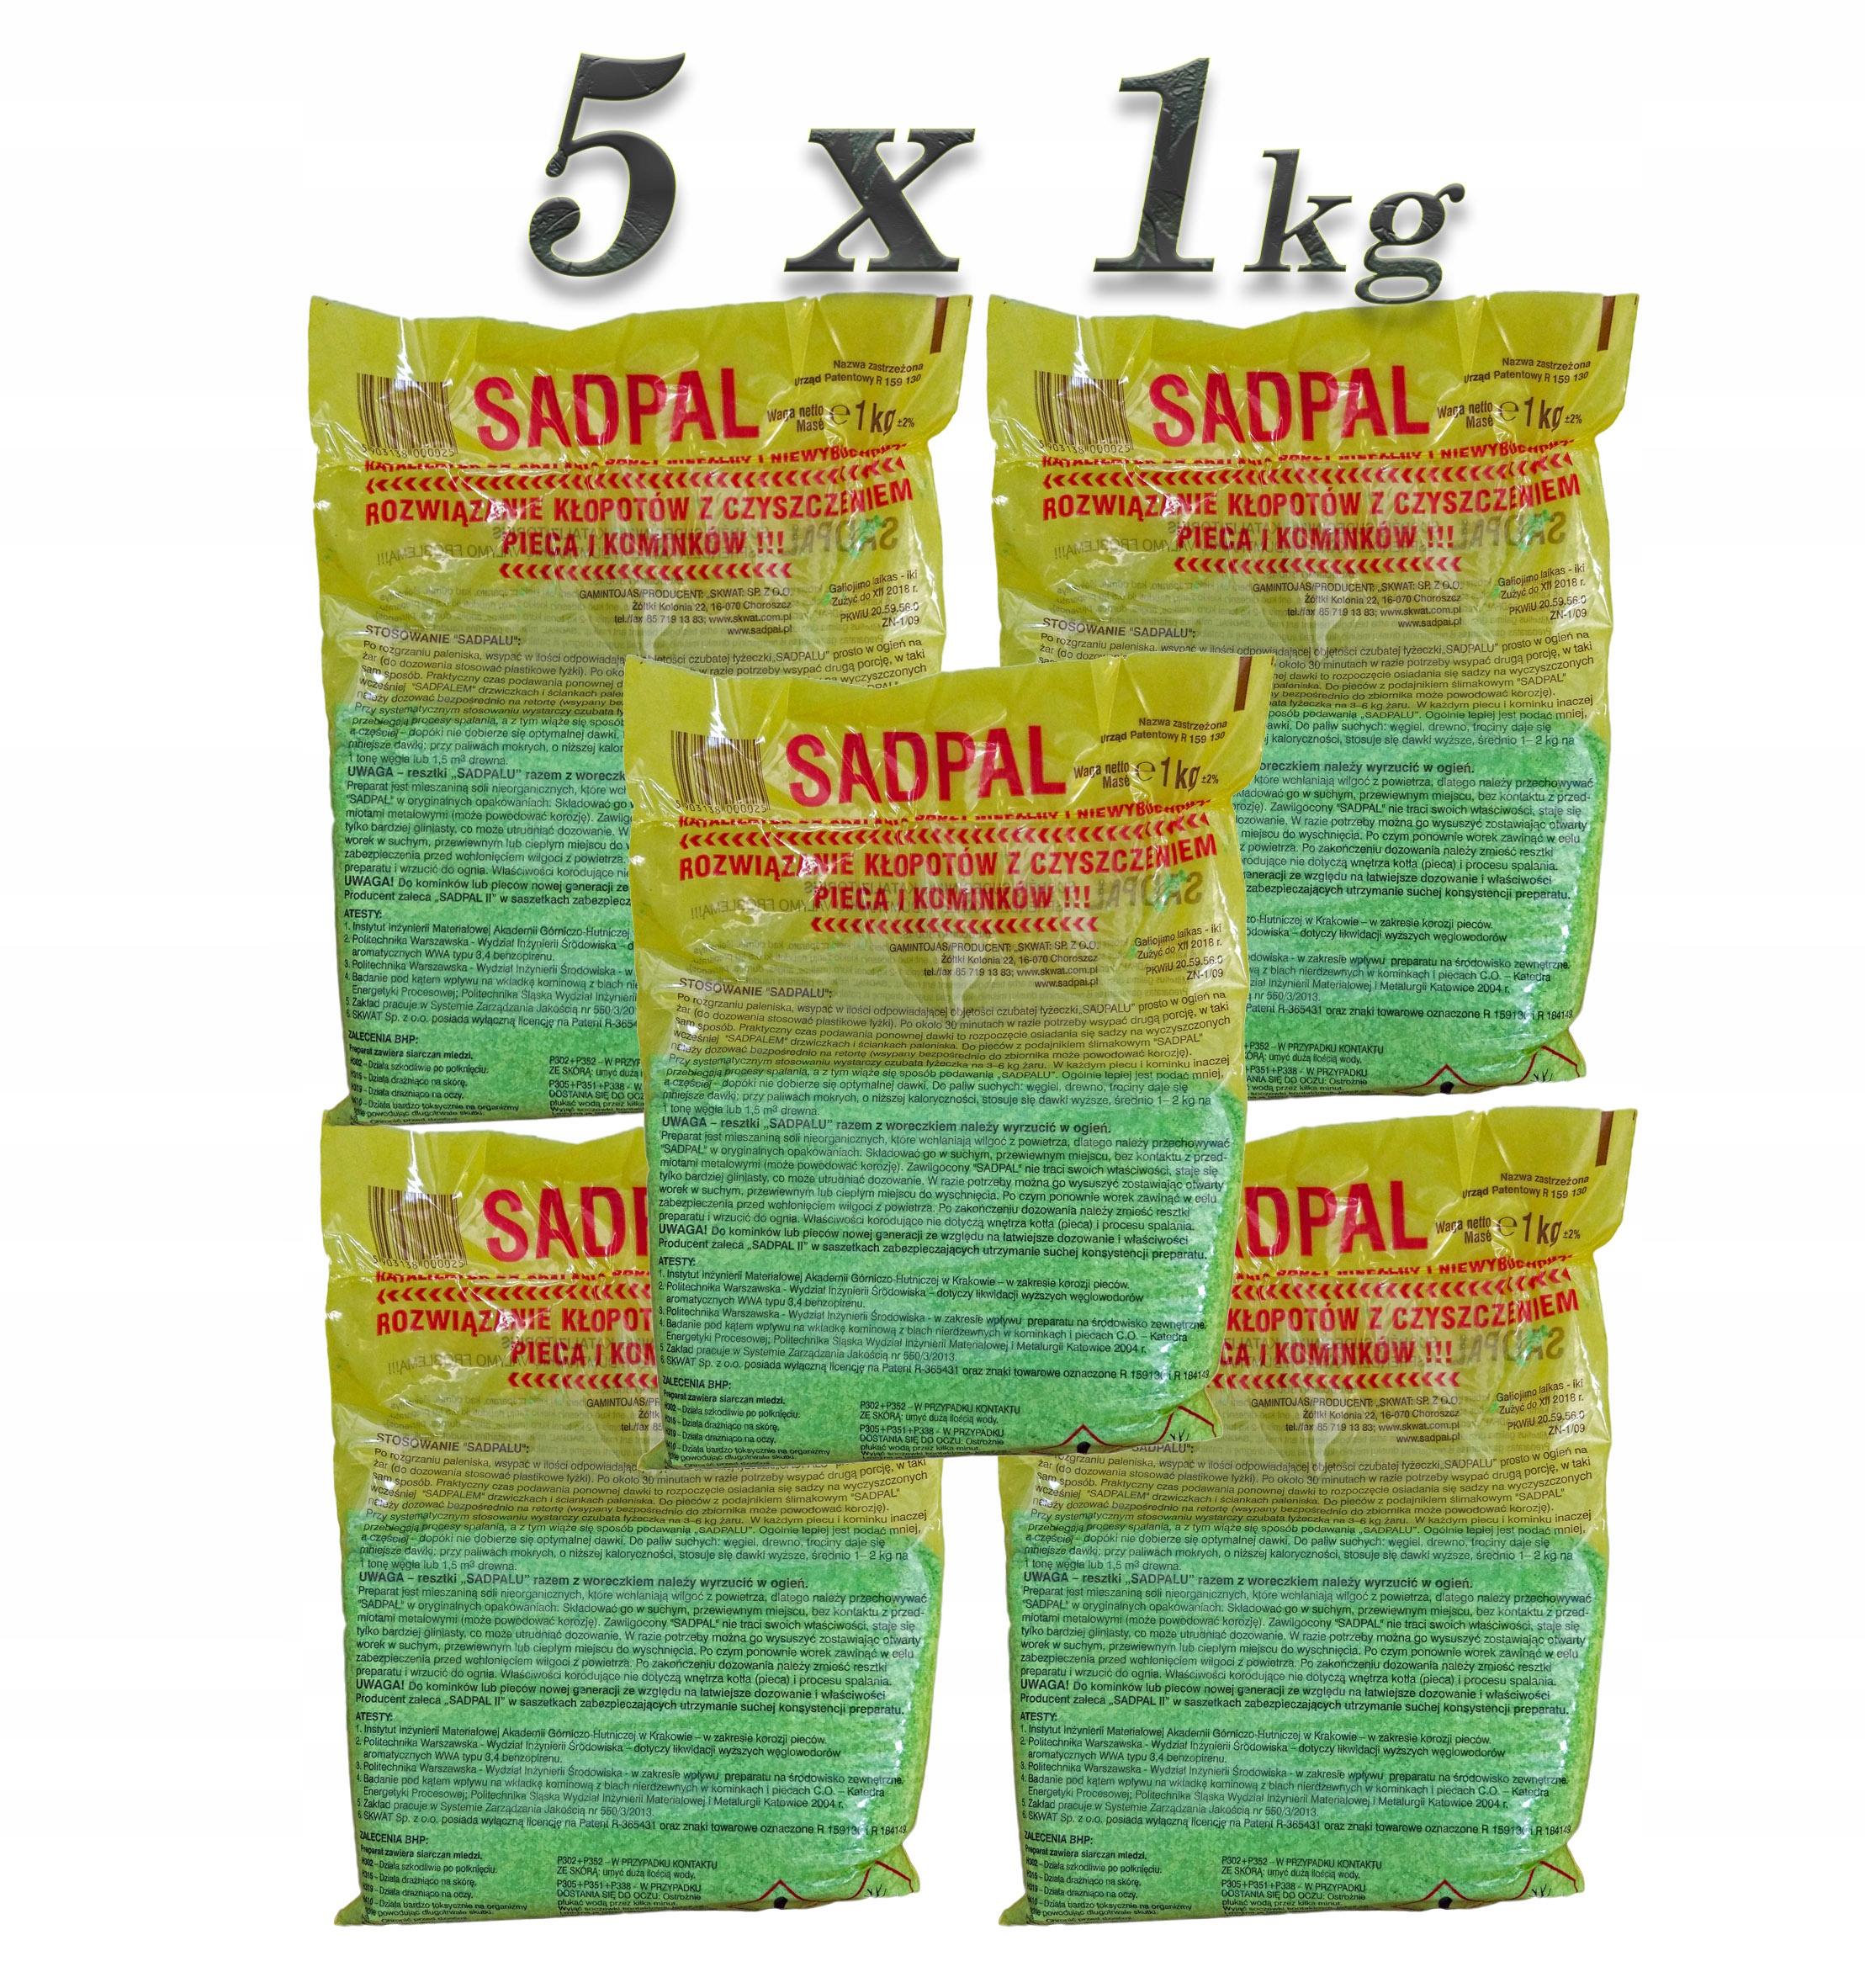 Katalizator do spalania sadzy SADPAL 1kg - 5 szt.